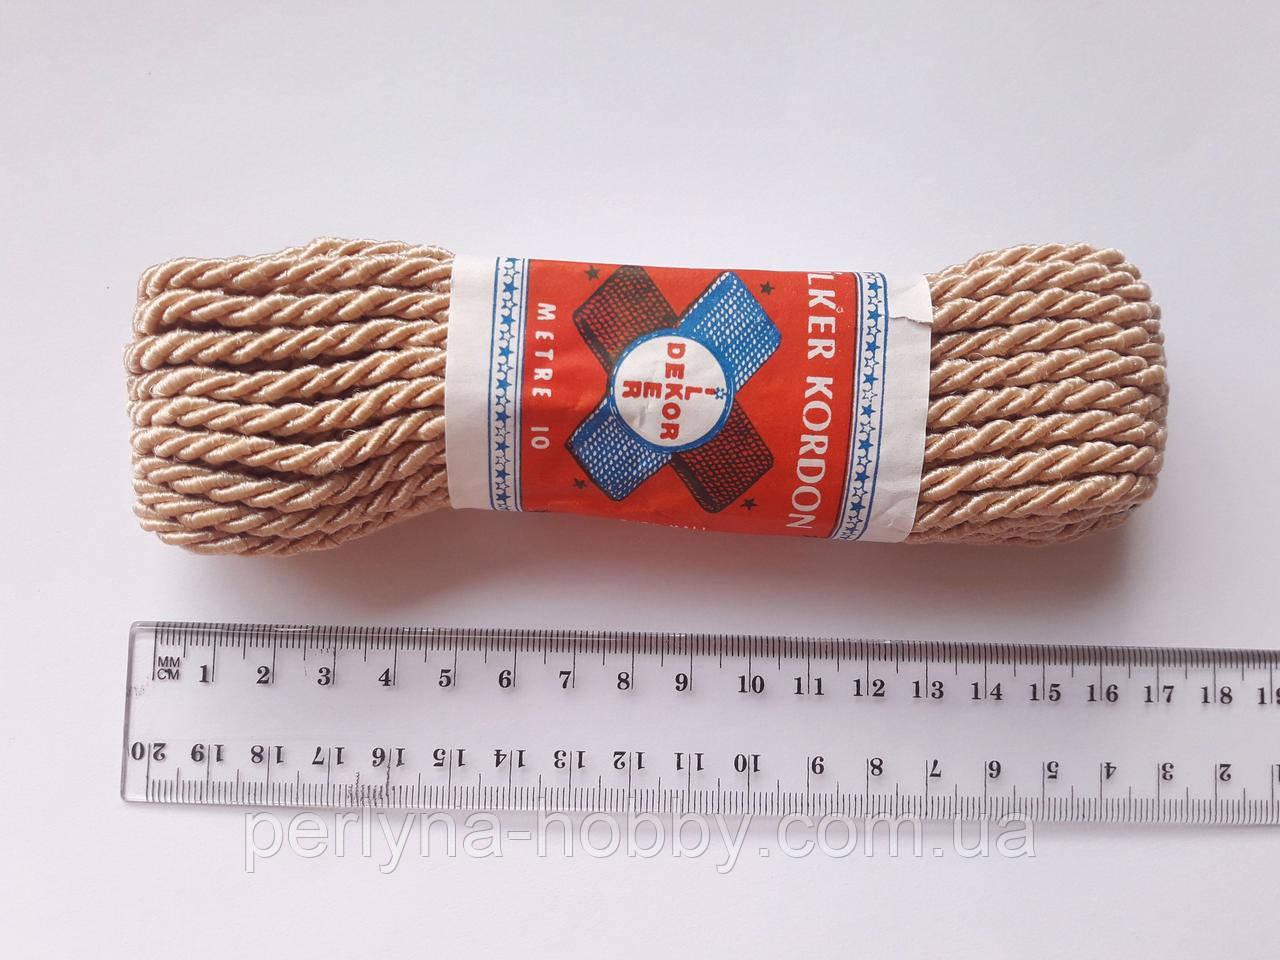 Шнур текстильний декоративний, бежевий. Діаметр 4 мм.  Моток 9.5-10 метрів. Туреччина